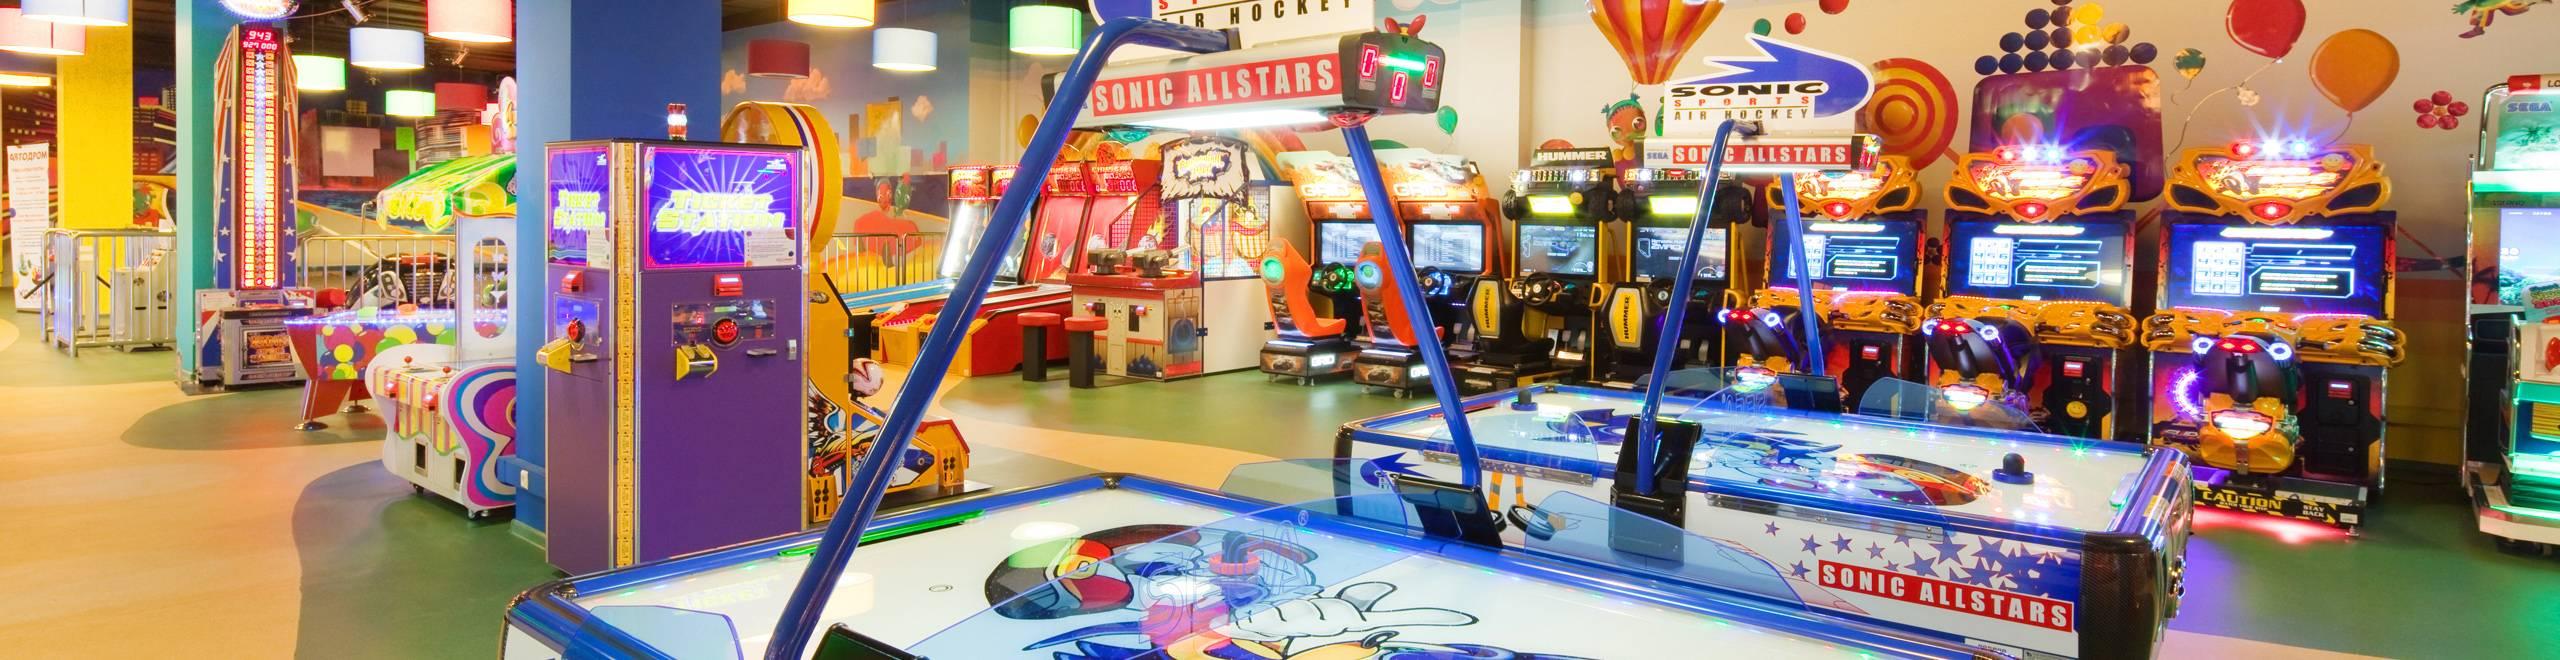 Детские игровые аппараты аренда ярославль выездное казино deutch bank